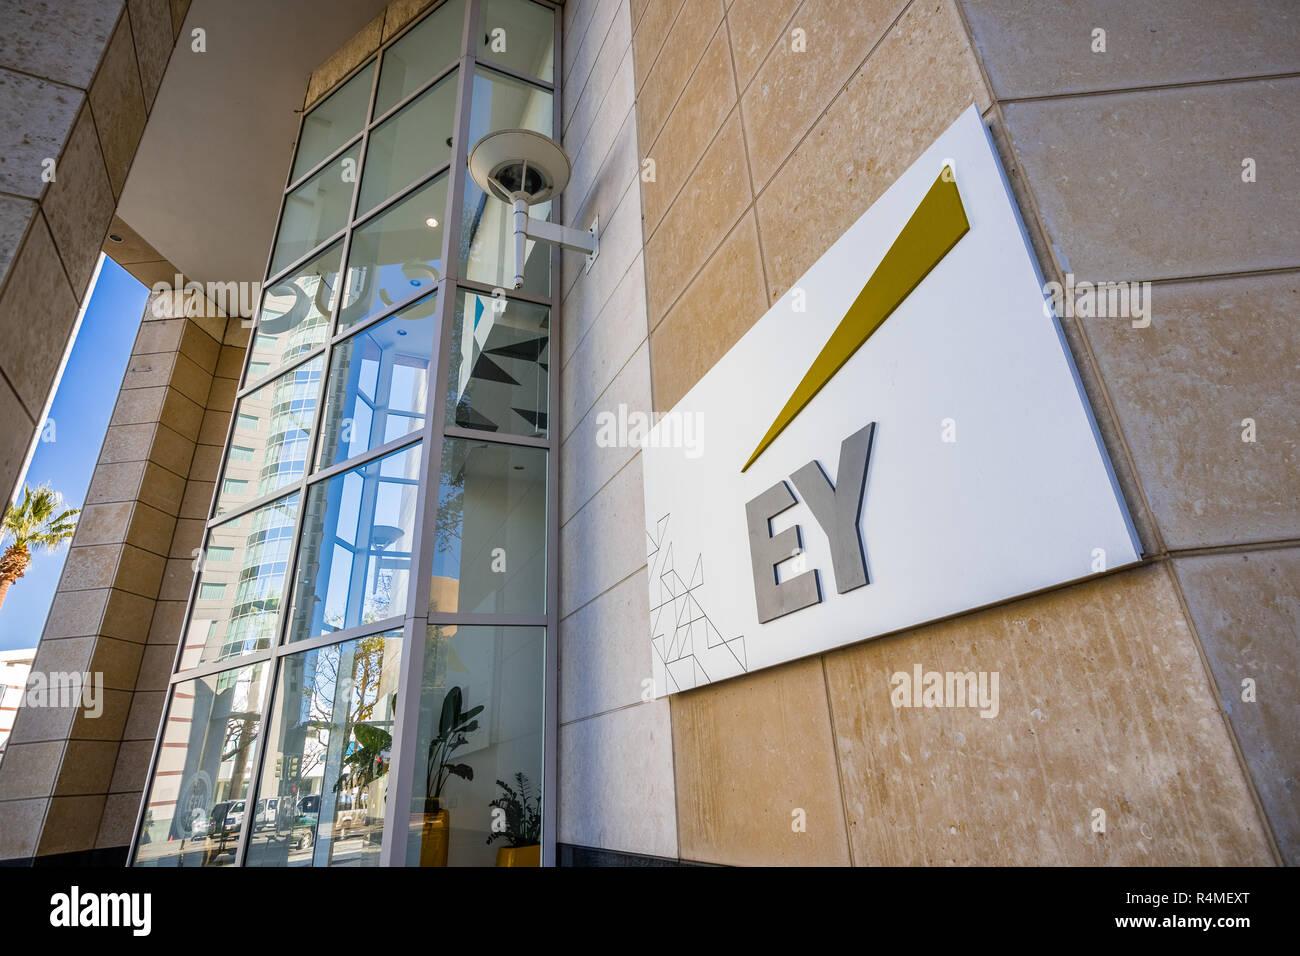 Ey Logo Stock Photos & Ey Logo Stock Images - Alamy